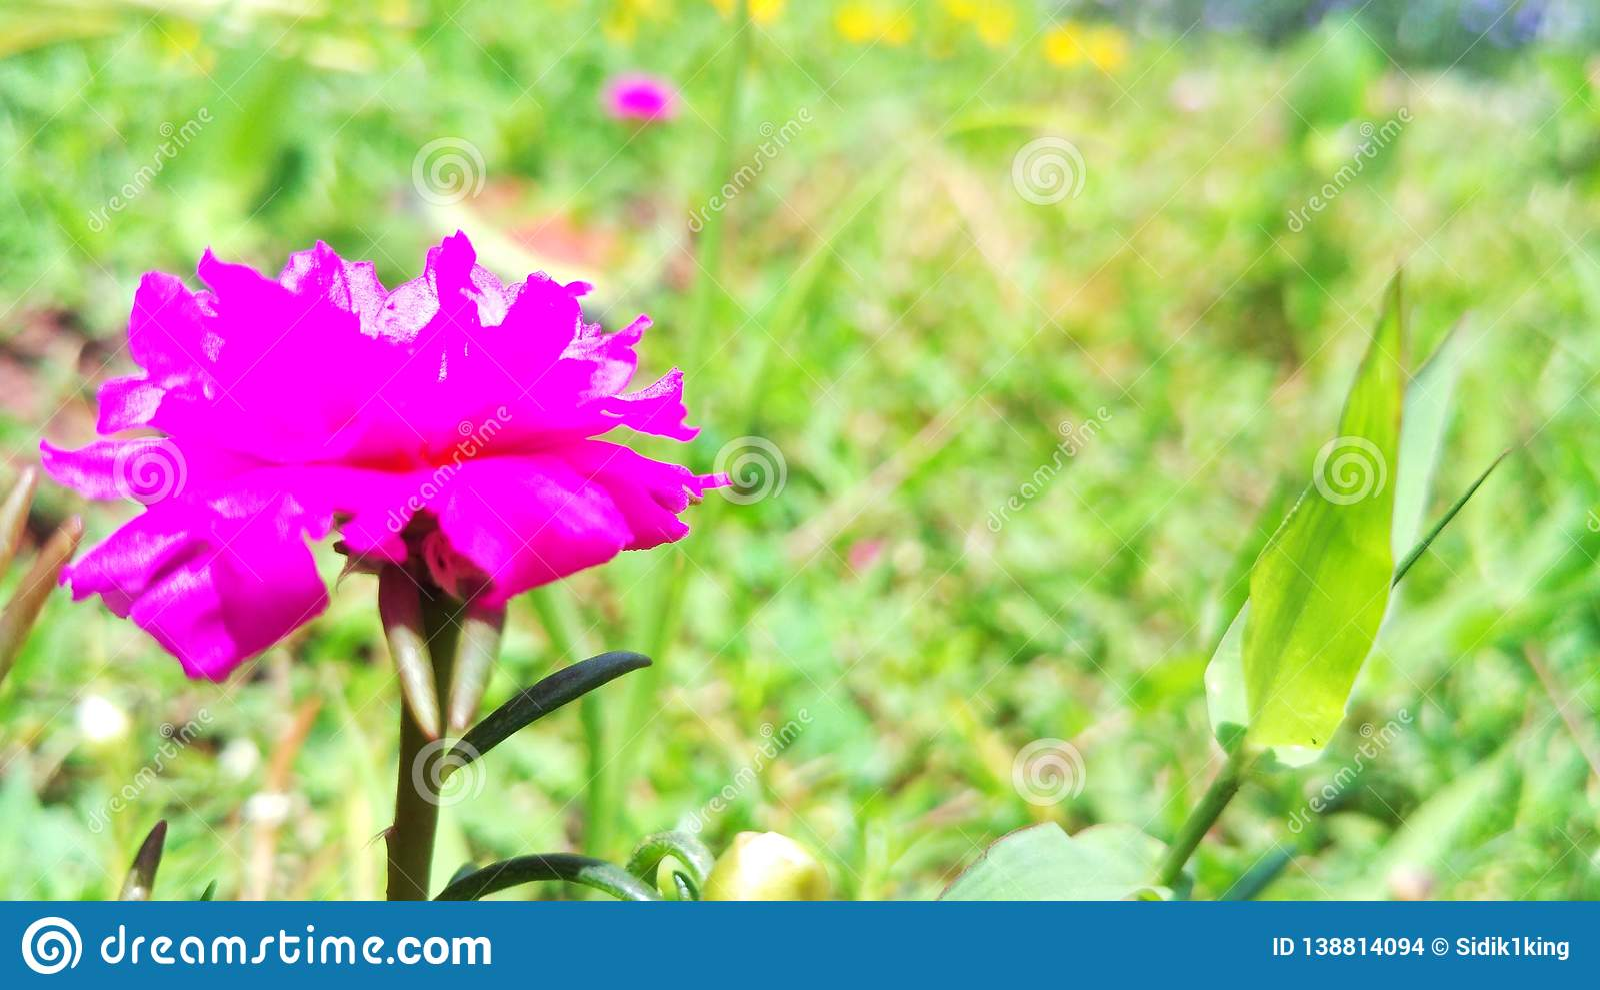 Beautiful purple flower in the garden.